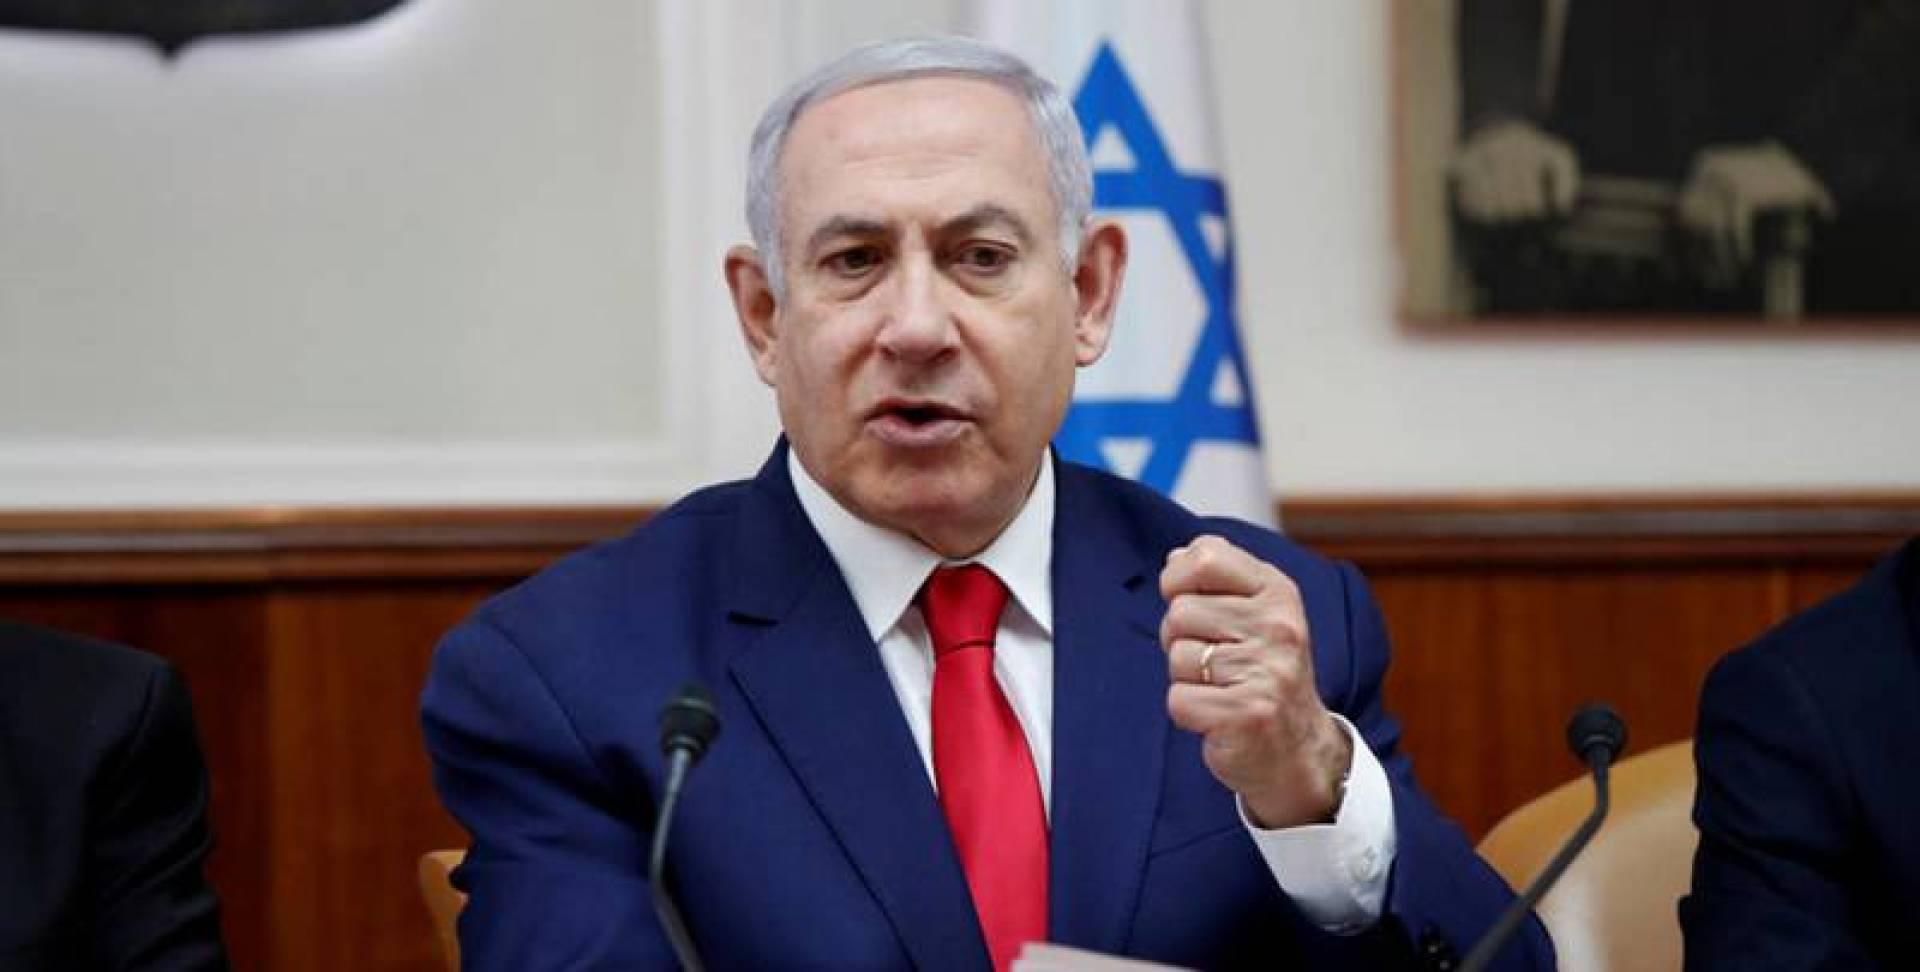 نتانياهو يشن حملة عنصرية ضد العرب ونوابهم